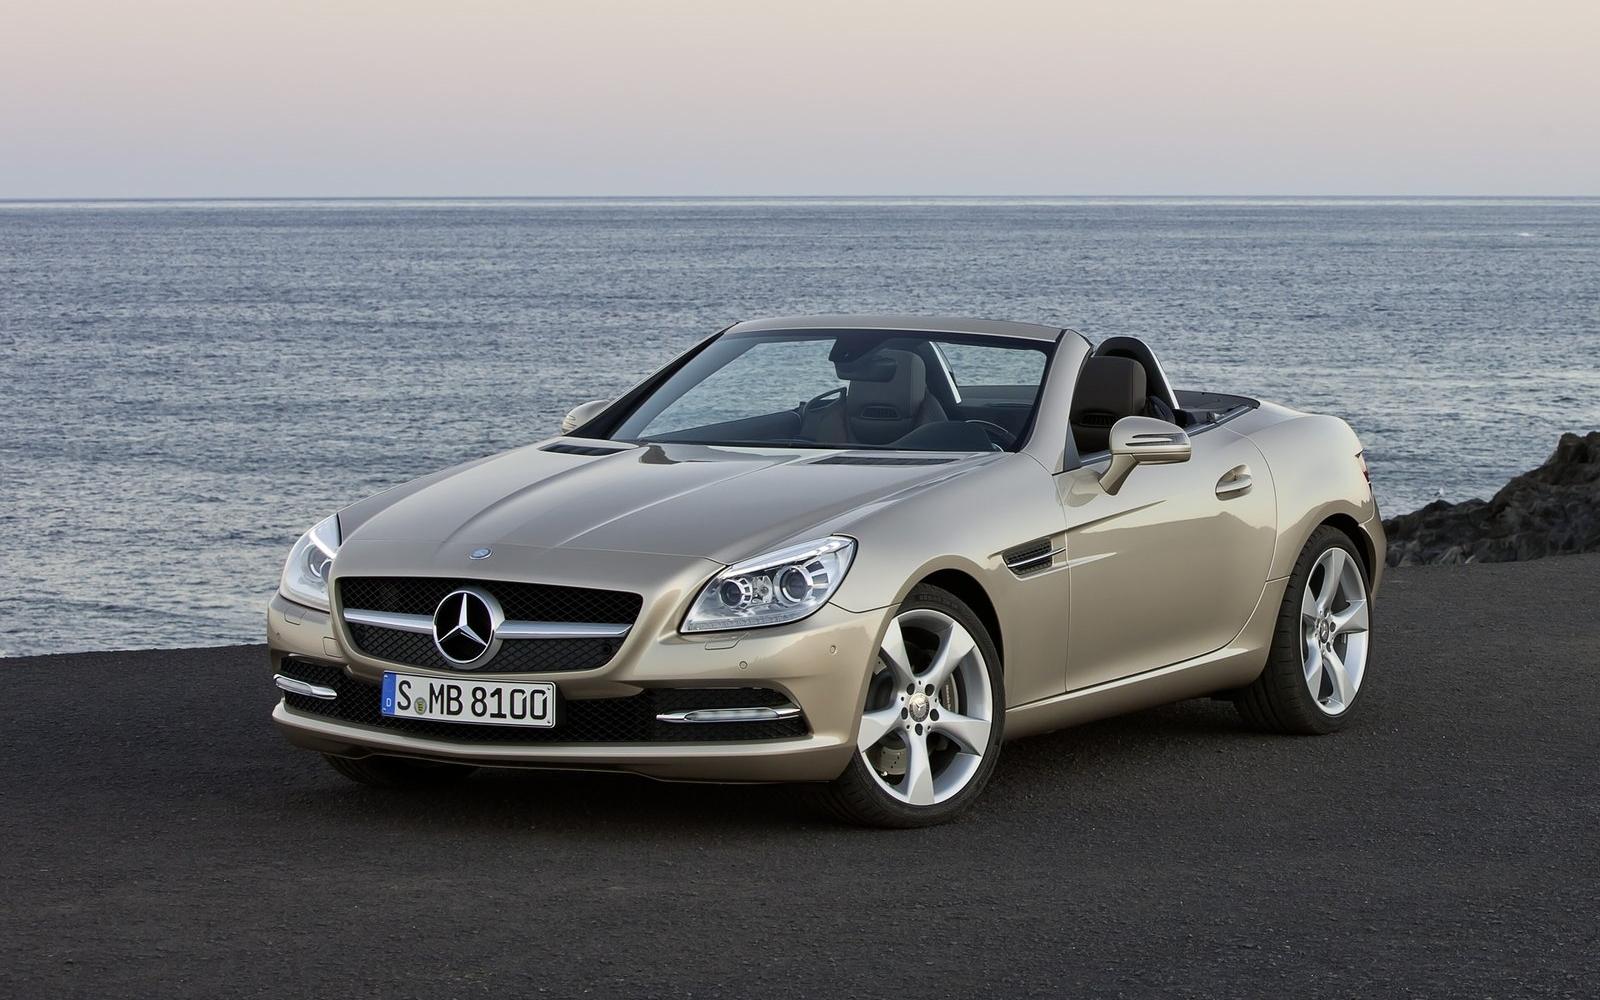 Mercedes benz anuncia recall para os modelos classe slk e for Mercedes benz modelos